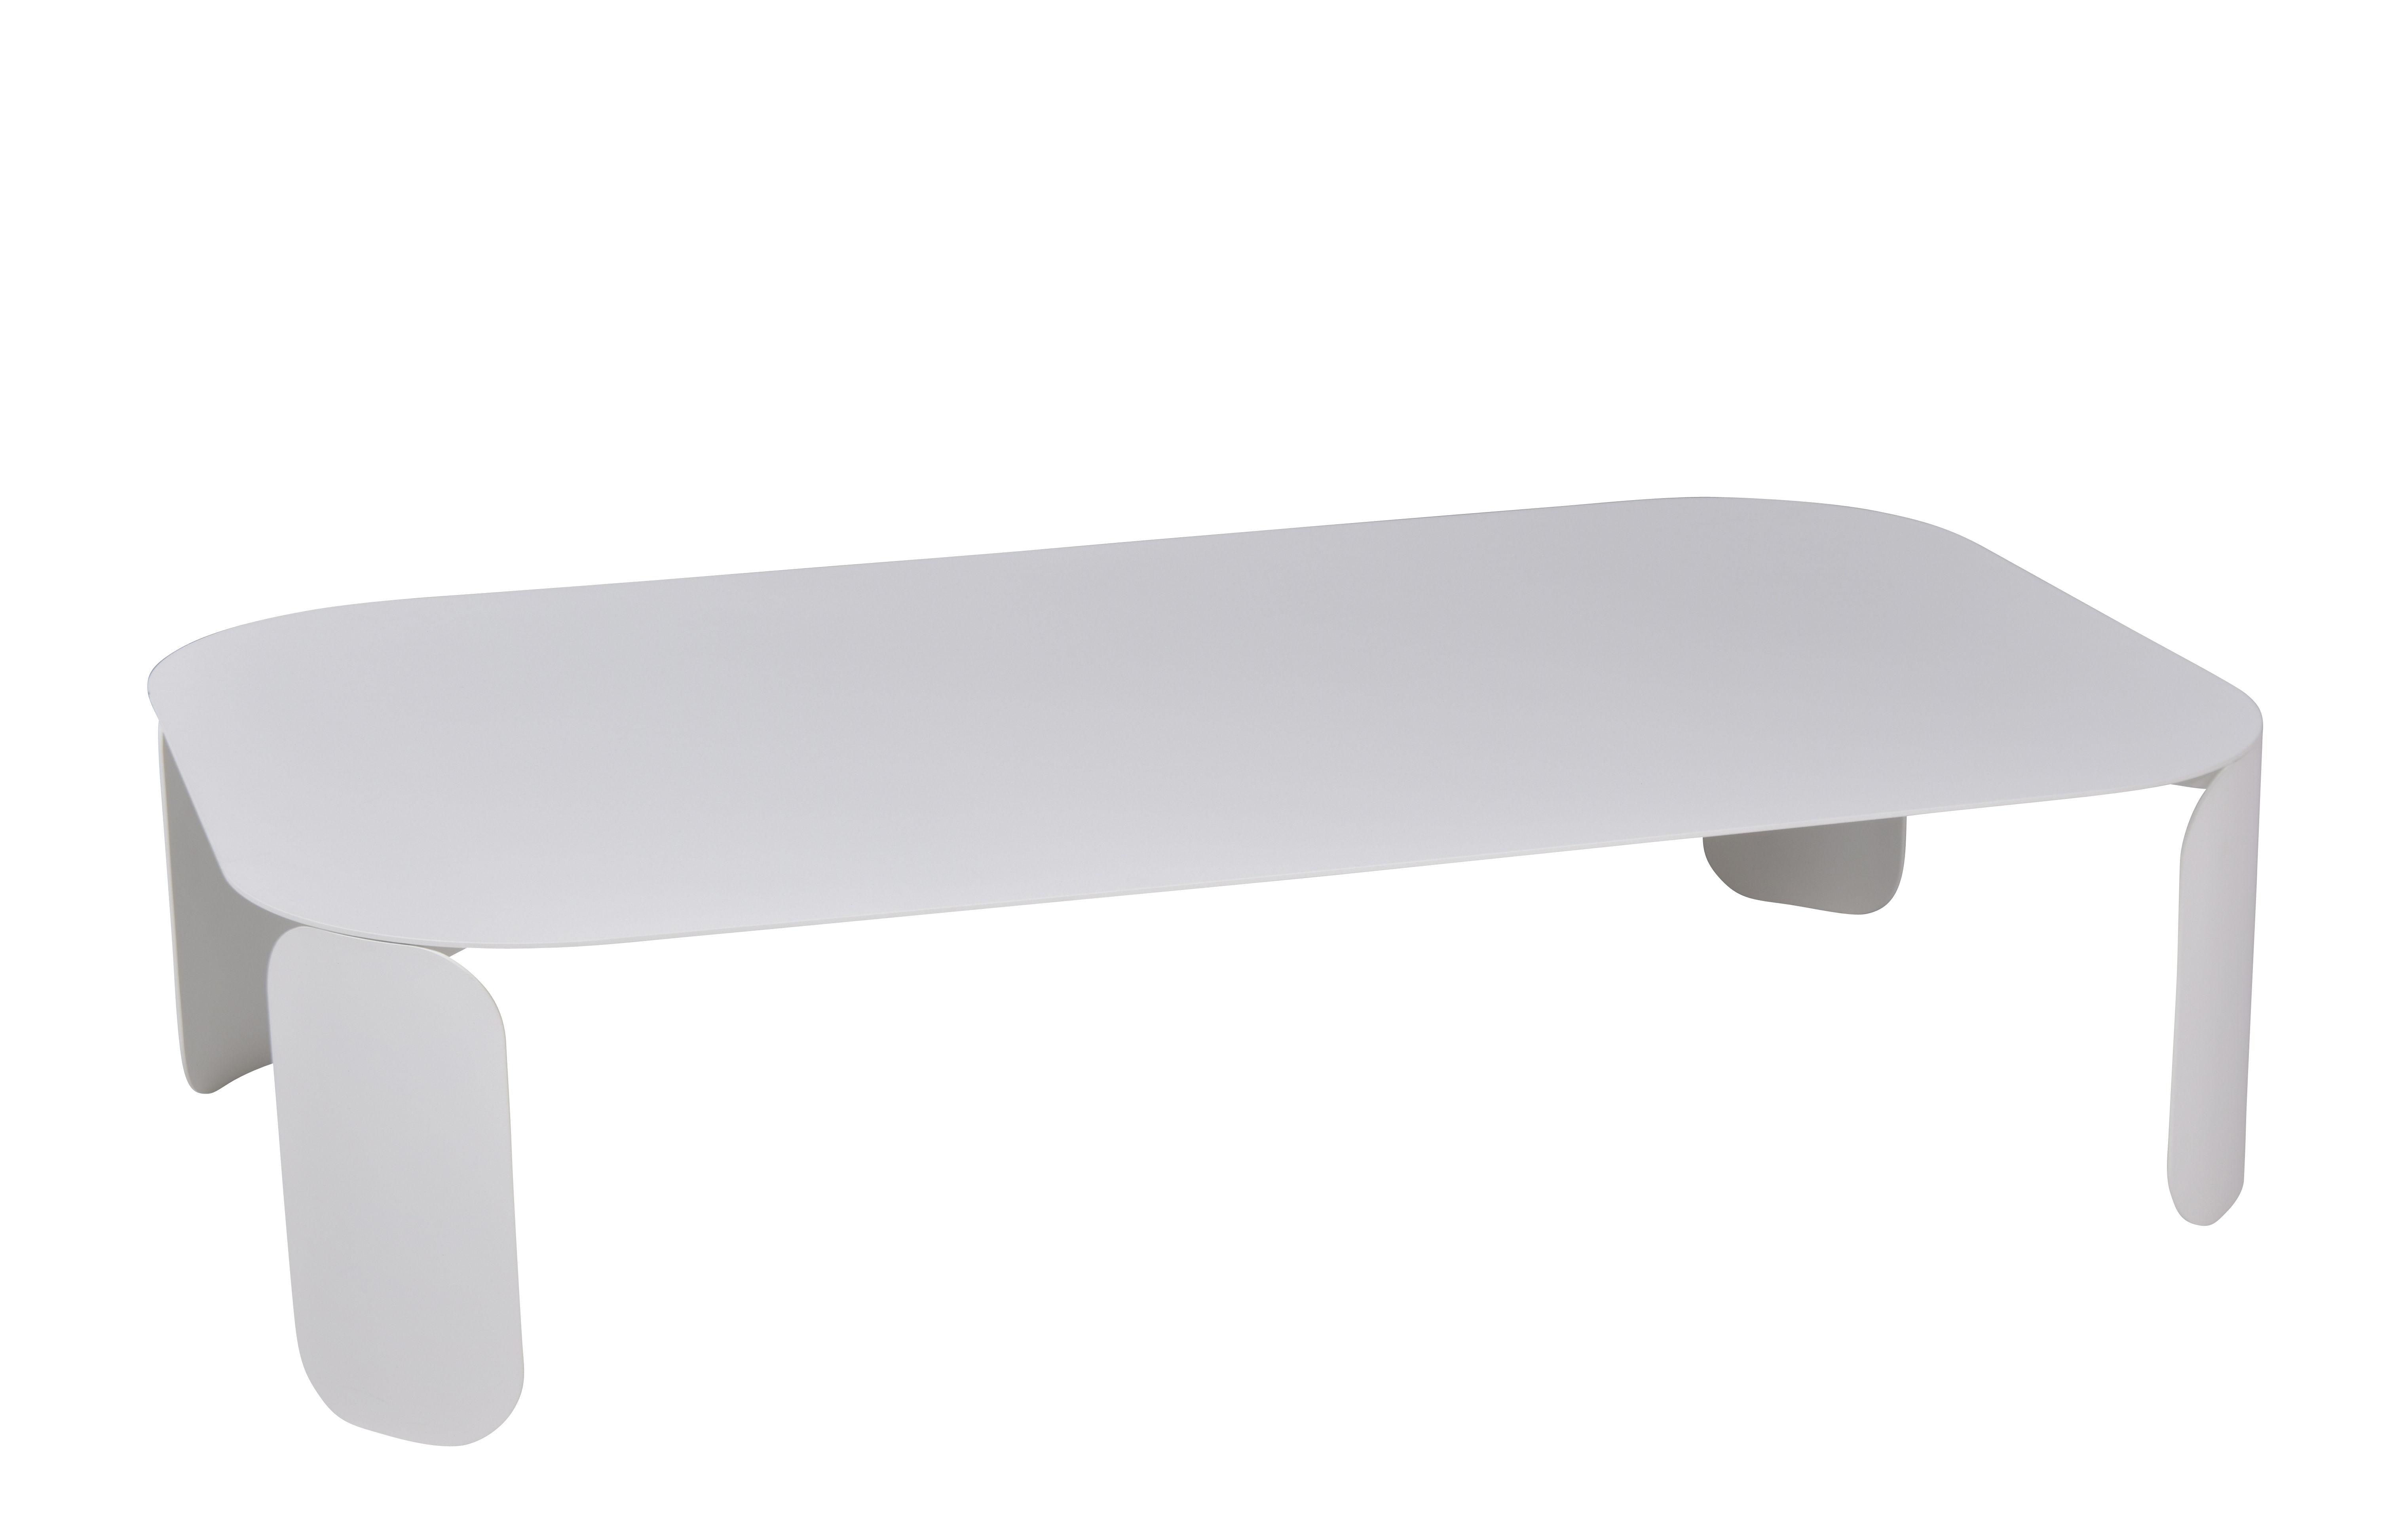 Mobilier - Tables basses - Table basse Bebop / 120 x 70 x H 29 cm - Fermob - Blanc coton - Acier, Aluminium